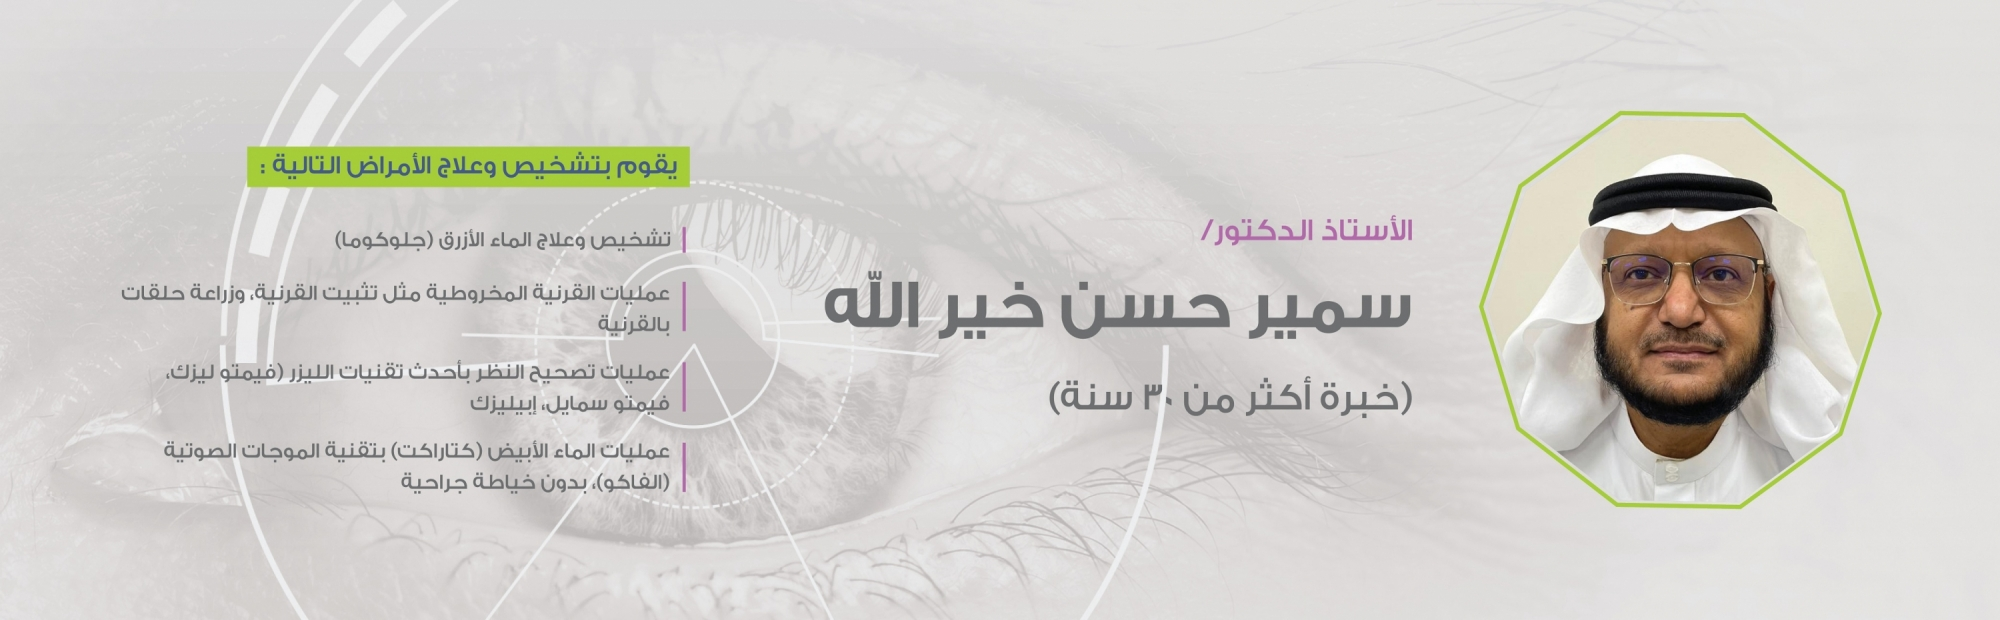 اعلان عن تواجد الدكتور/ سمير حسن خير الله